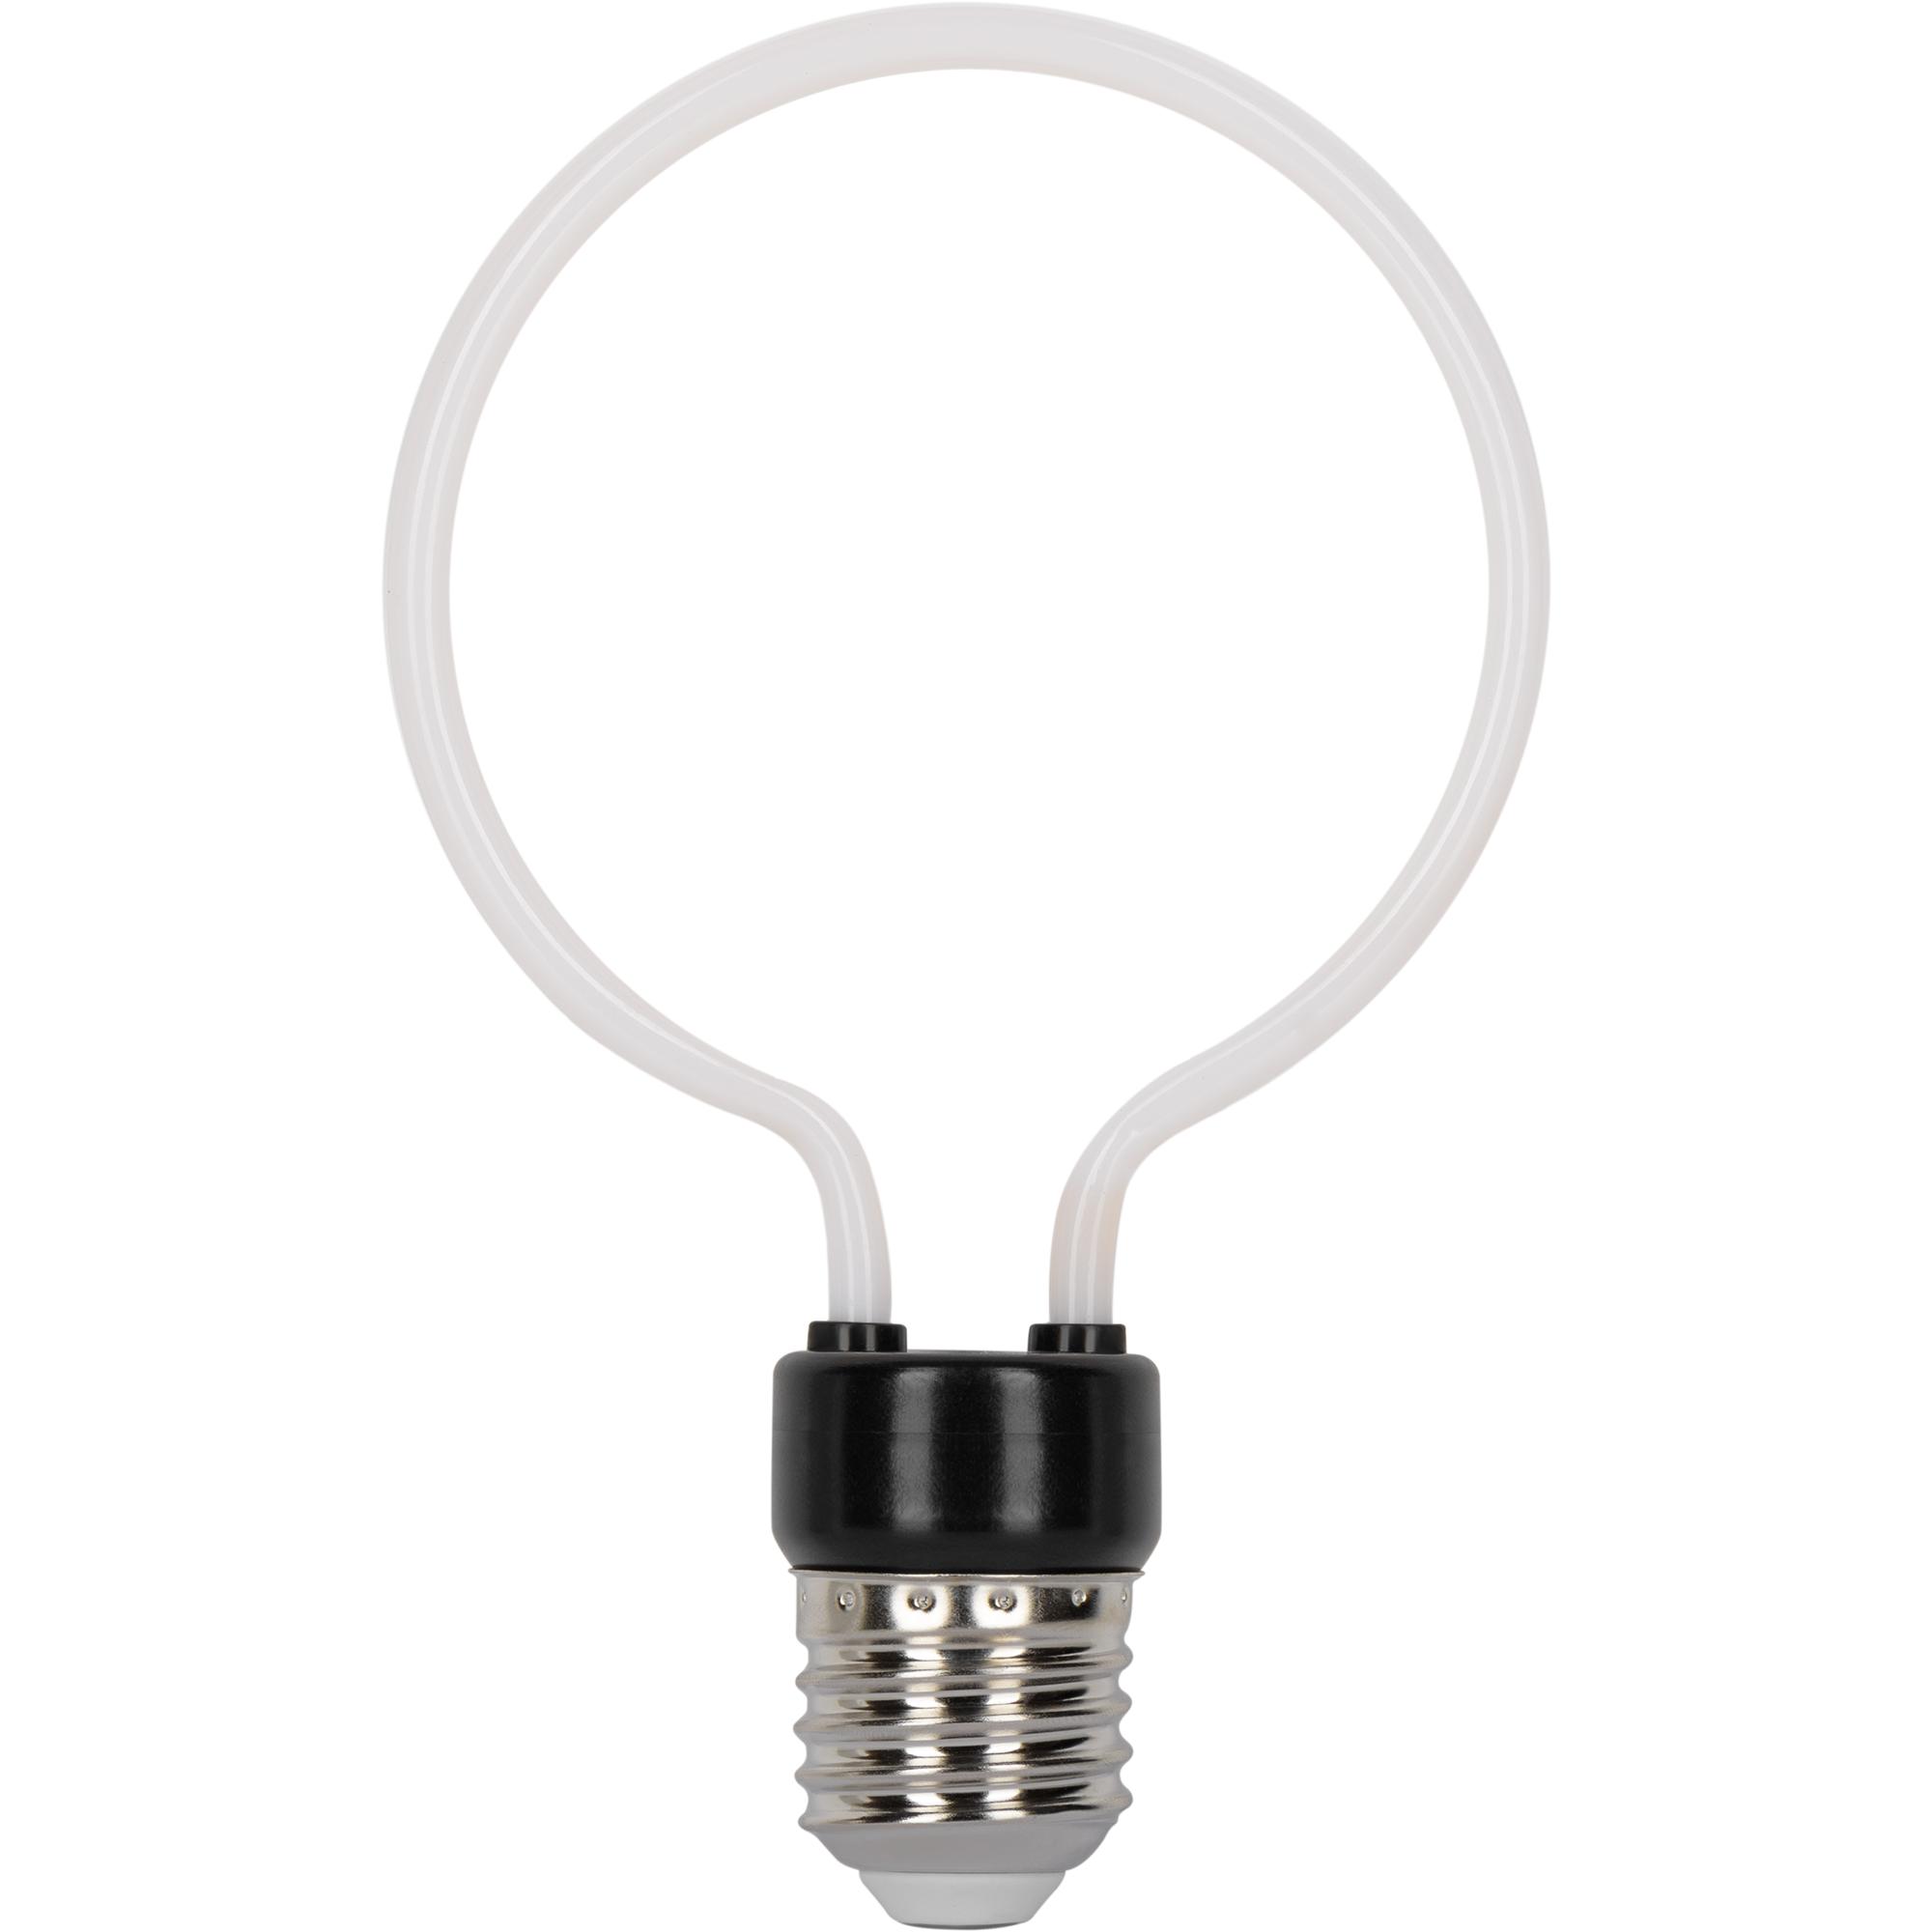 Лампа светодиодная Gauss Bulbless G95 E27 230 В 4 Вт круг декоративный 390 лм тёплый белый свет